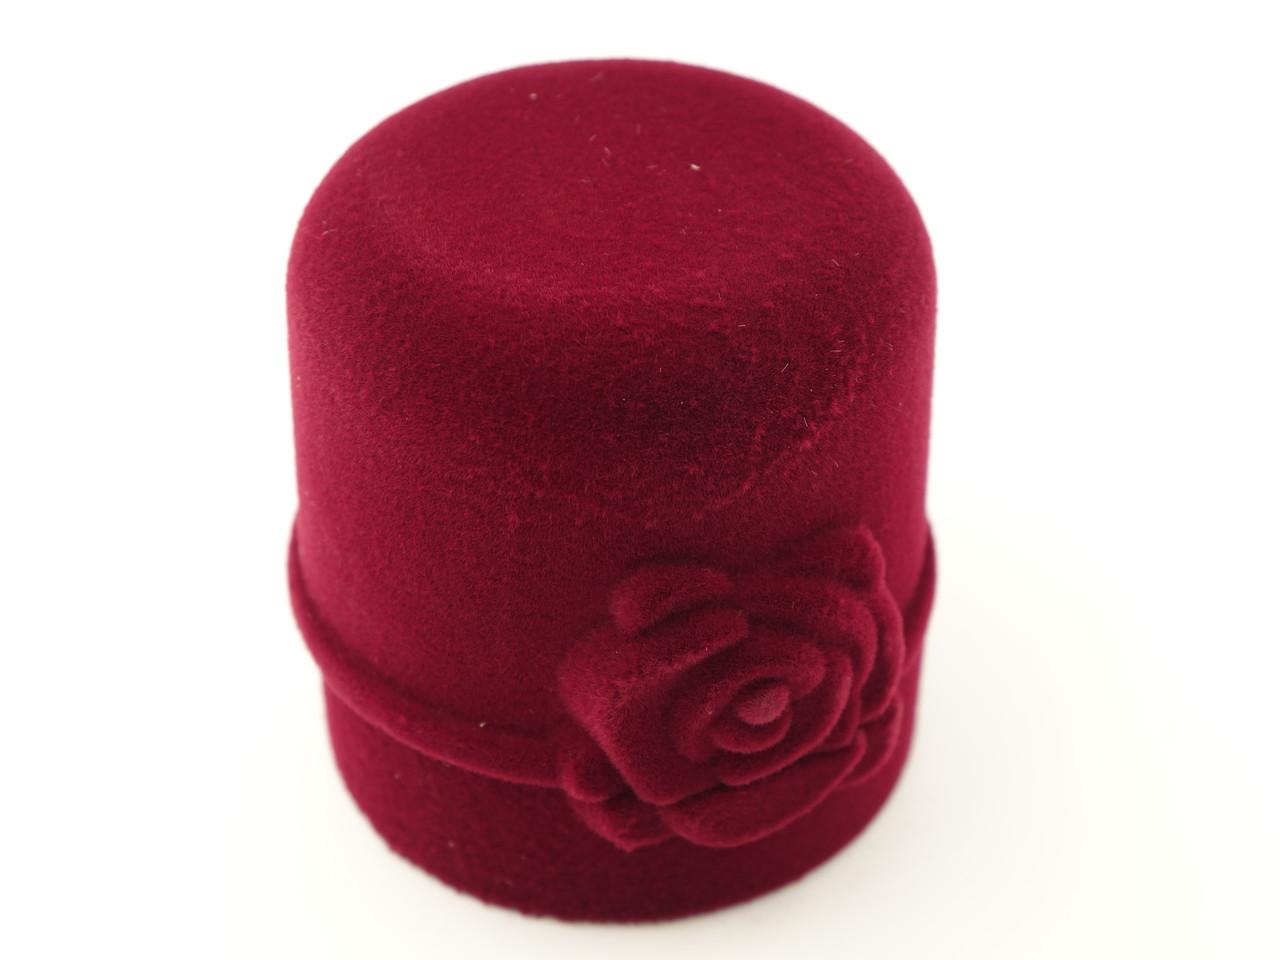 """Бархатный футляр для кольца """"Цилиндр с розой"""" бордо"""